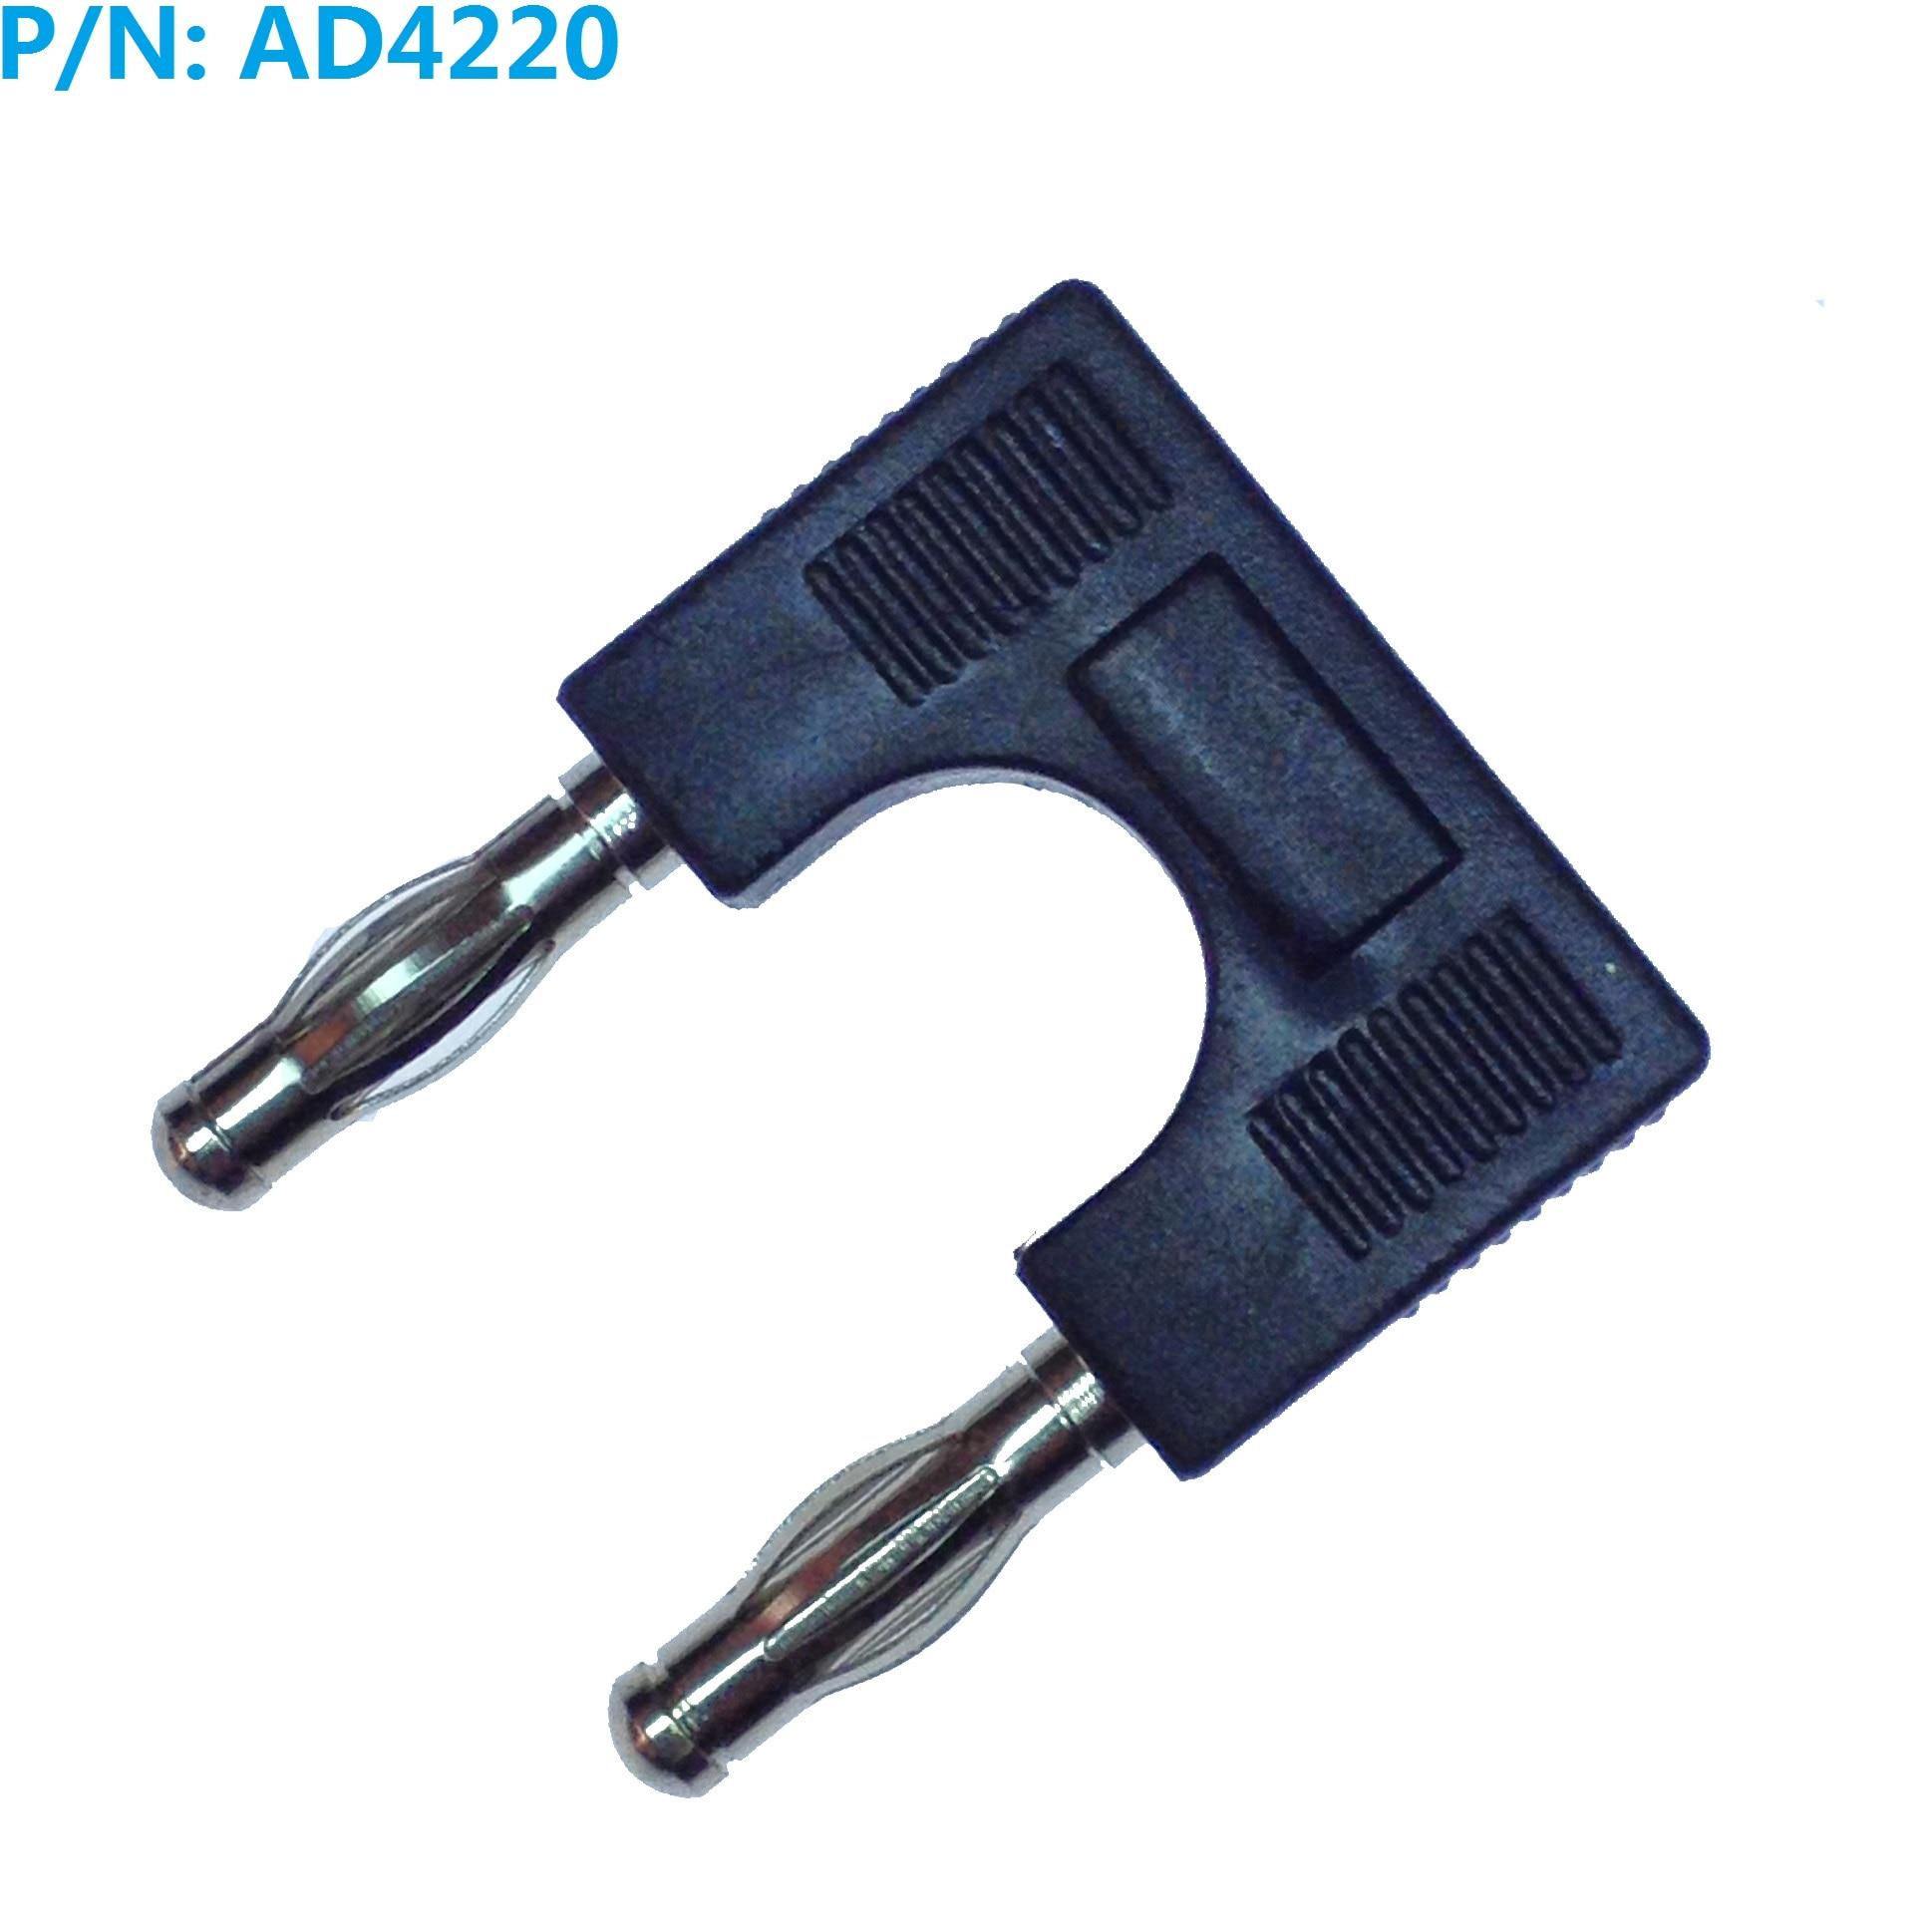 웃 유AD4228 4mm Banana plug bujía en corto 19mm espaciamiento ...